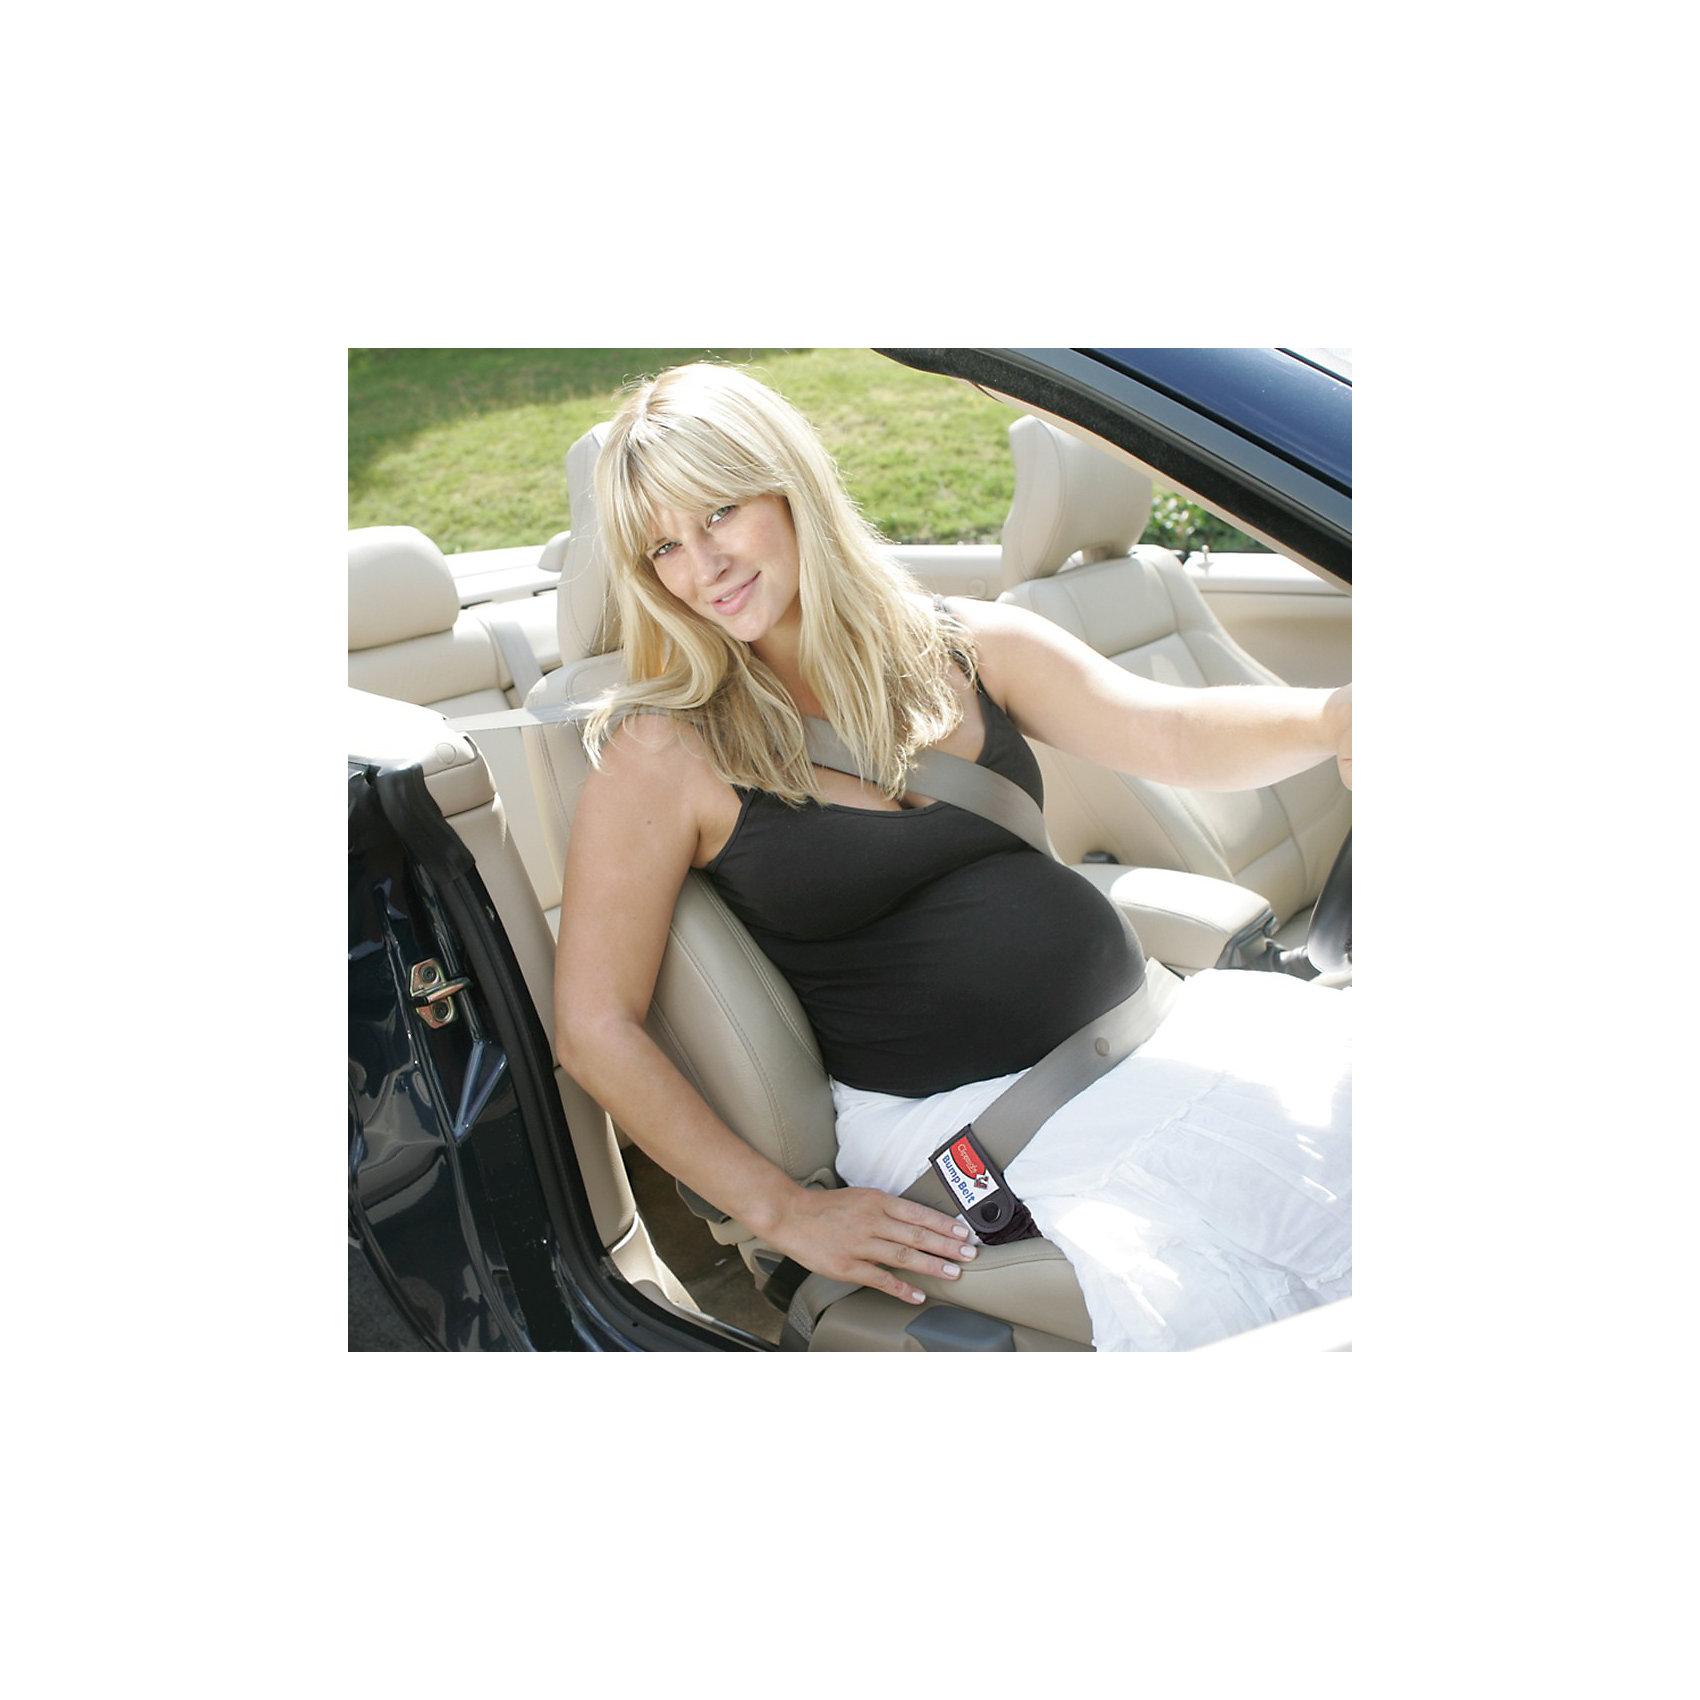 Автомобильный ремень для беременных, Clippasafe, черный